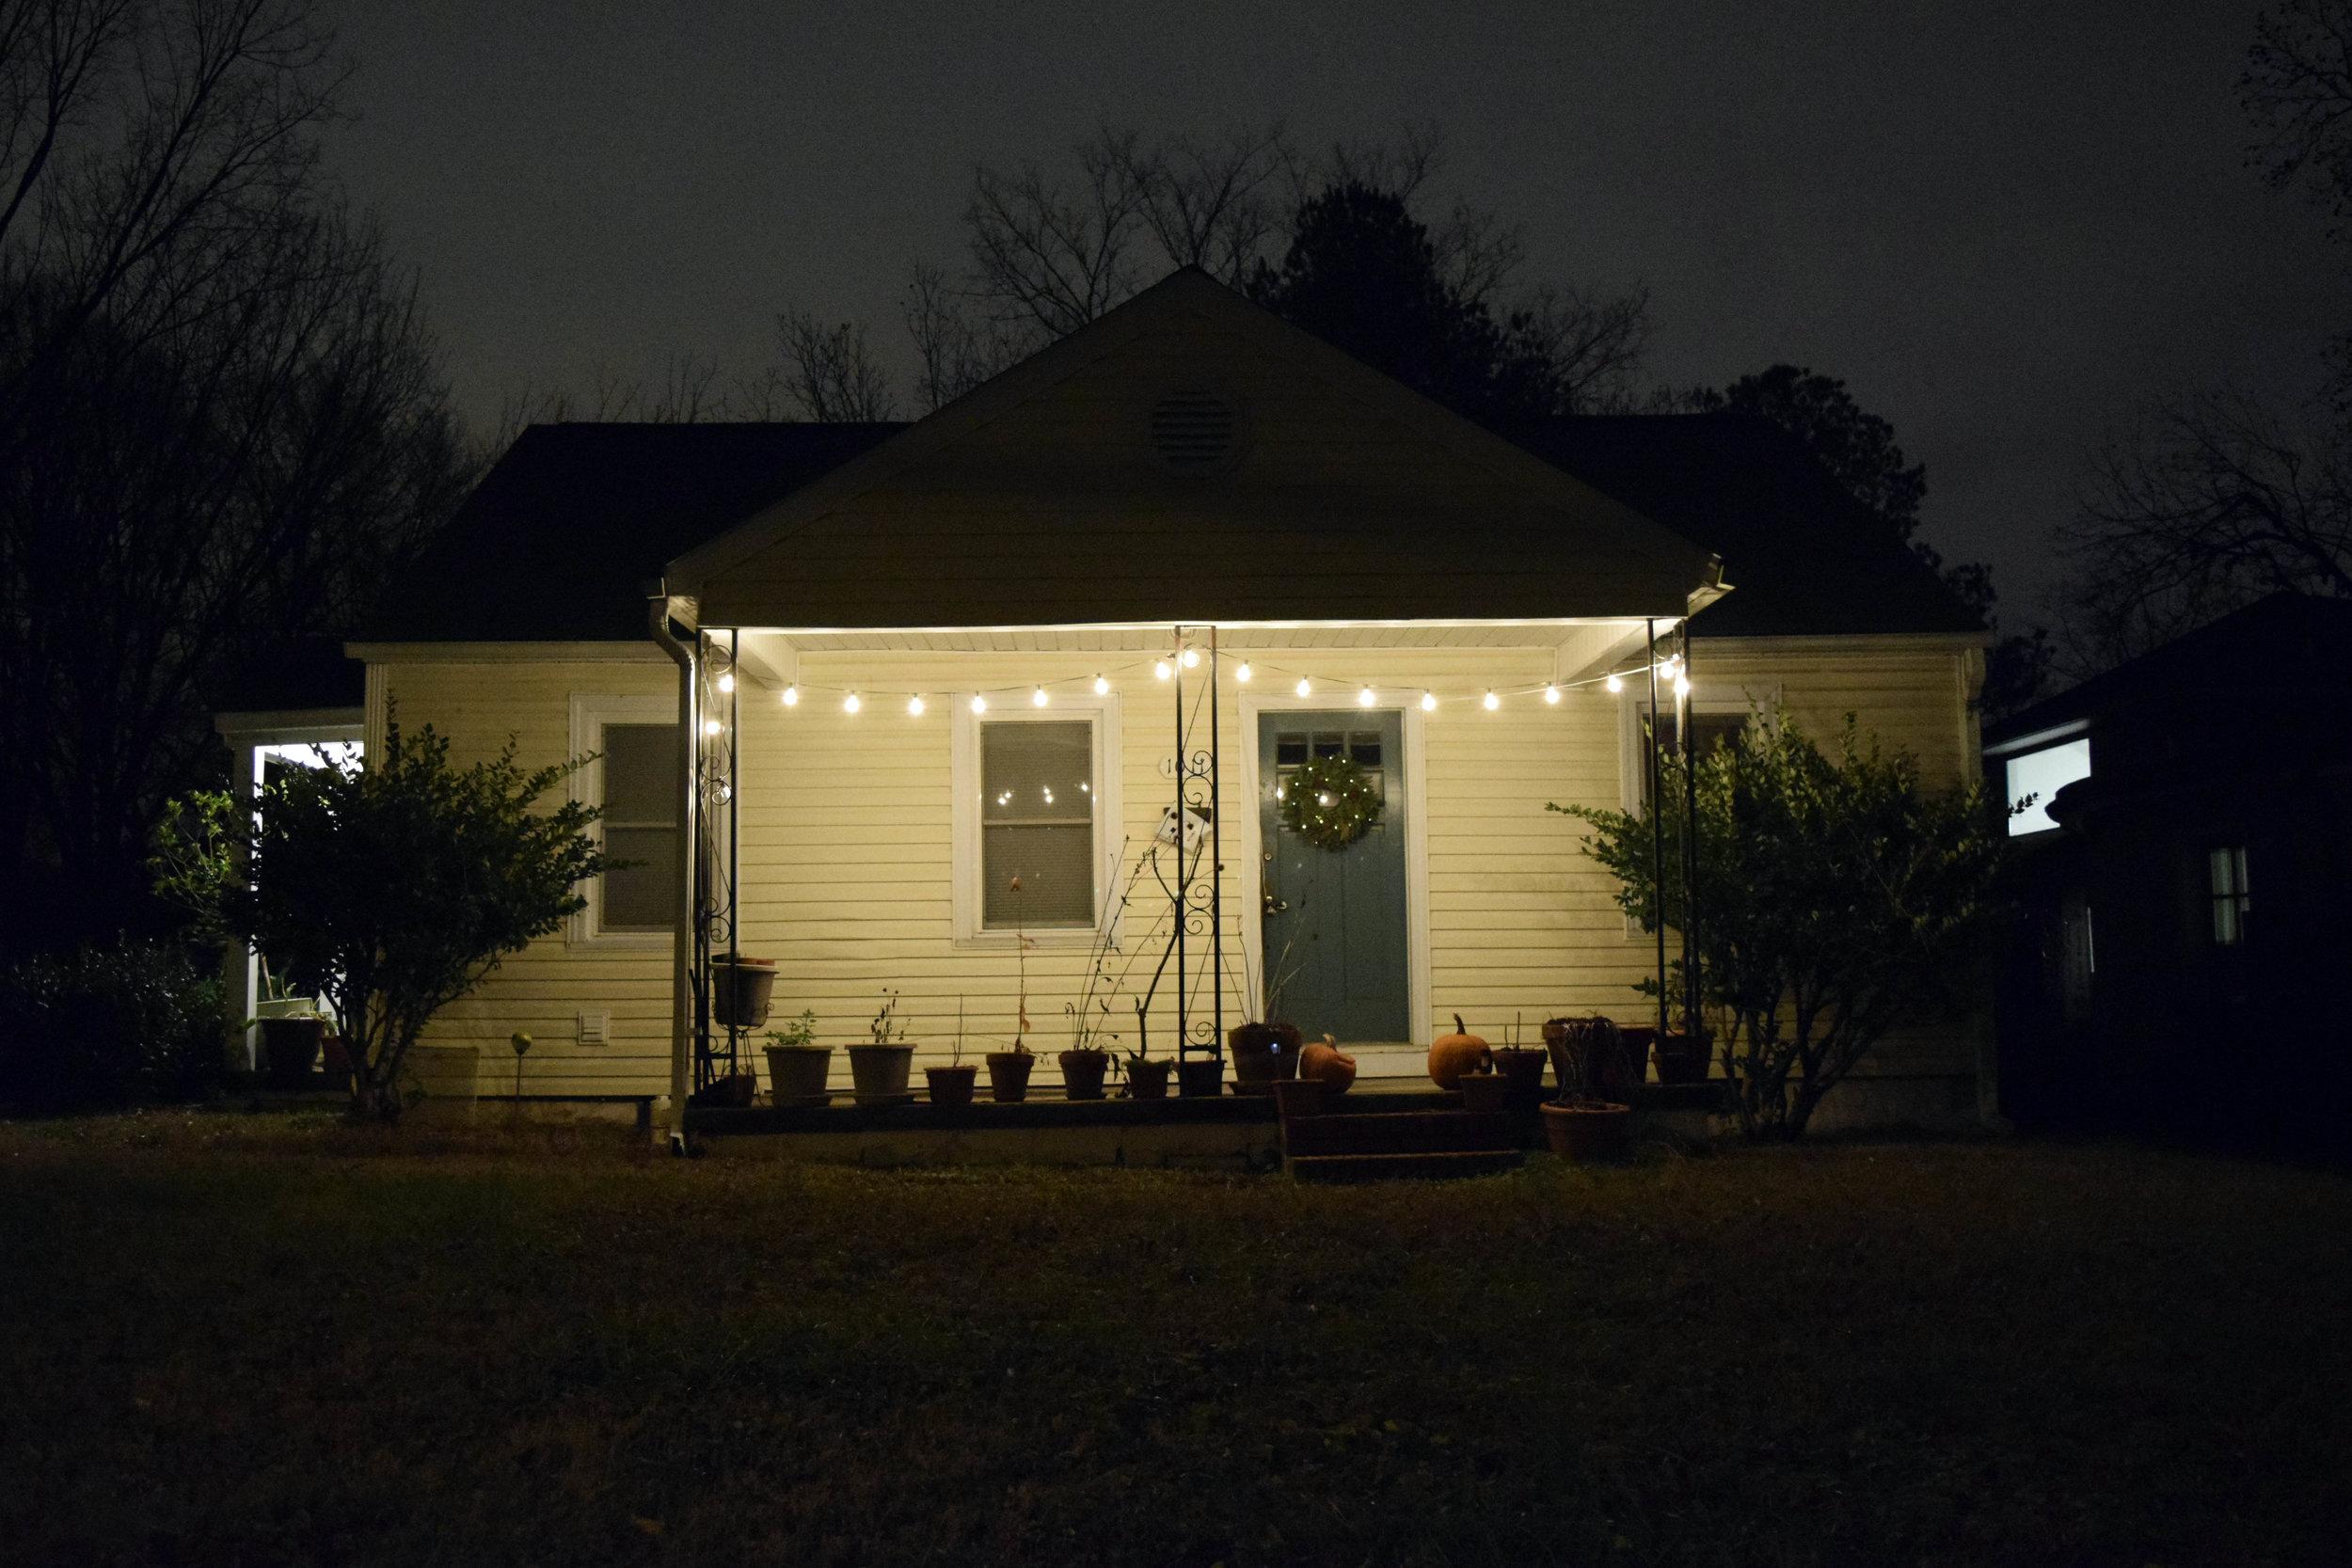 A Durham Home on a Winter Night, John Felix Arnold III, 2017